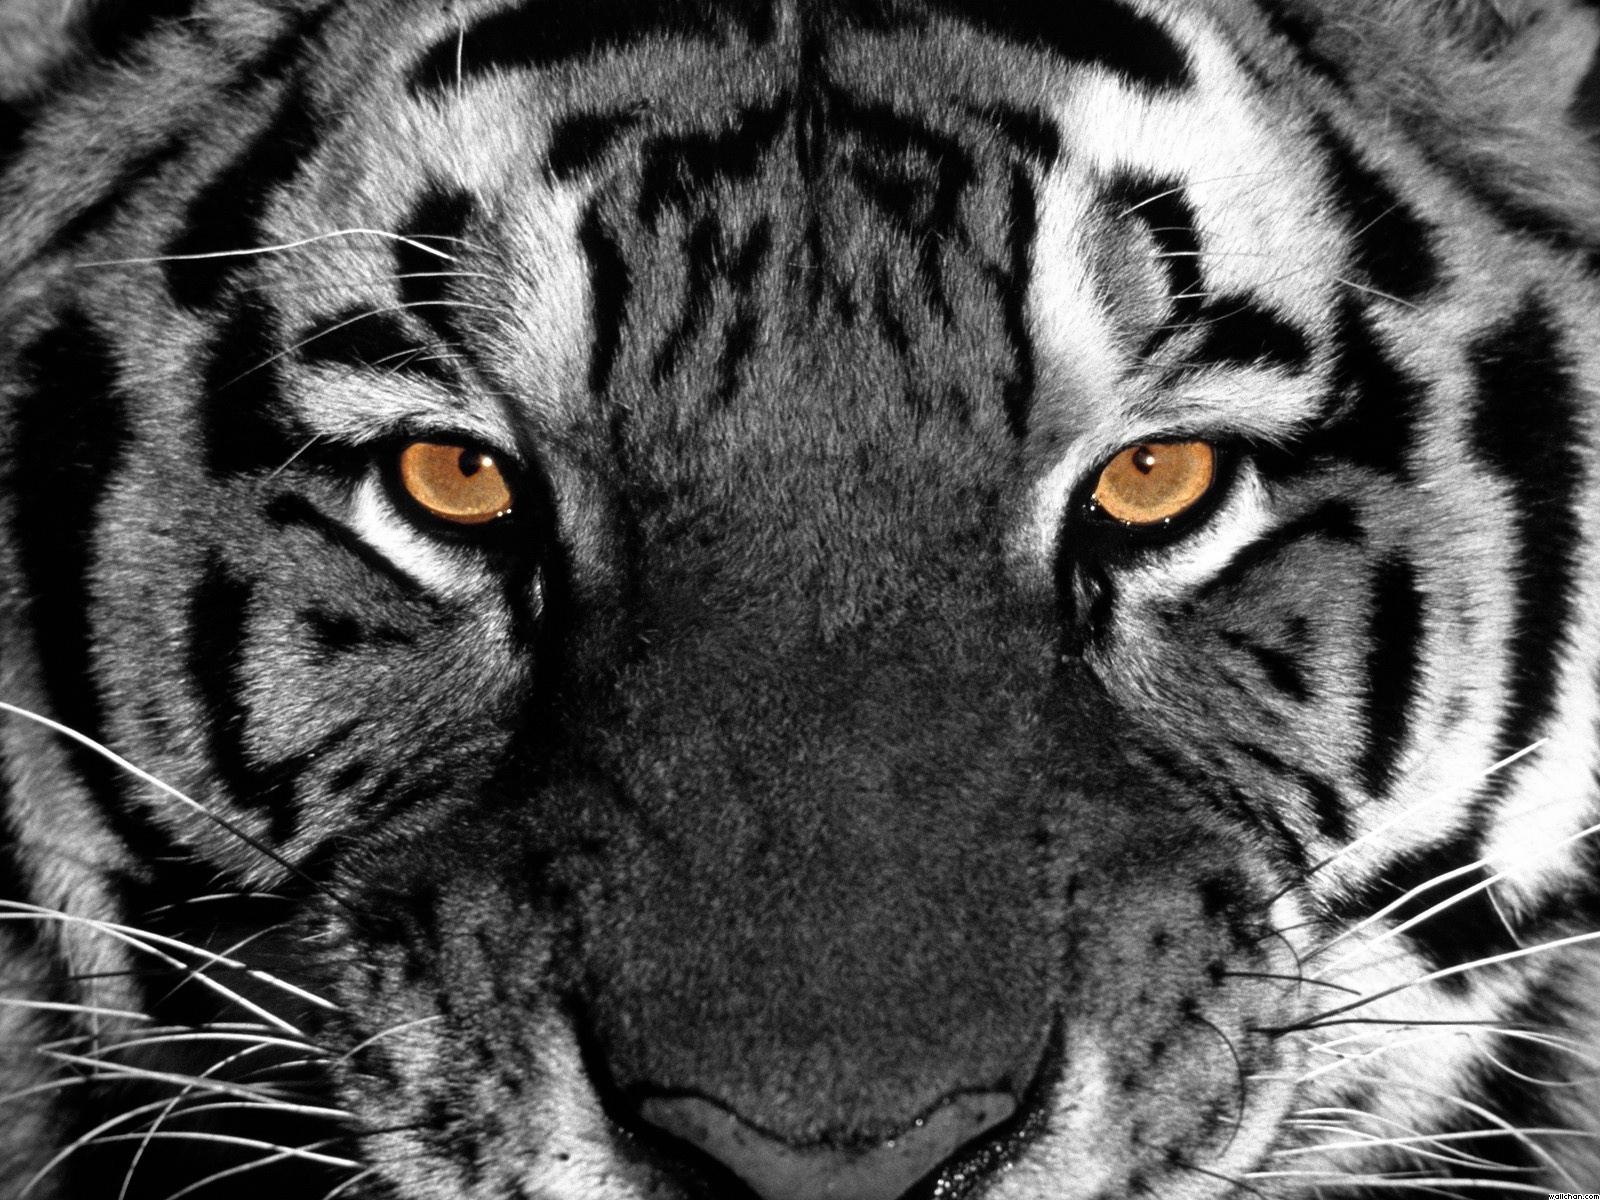 angry tiger eyes wallpaper - photo #4